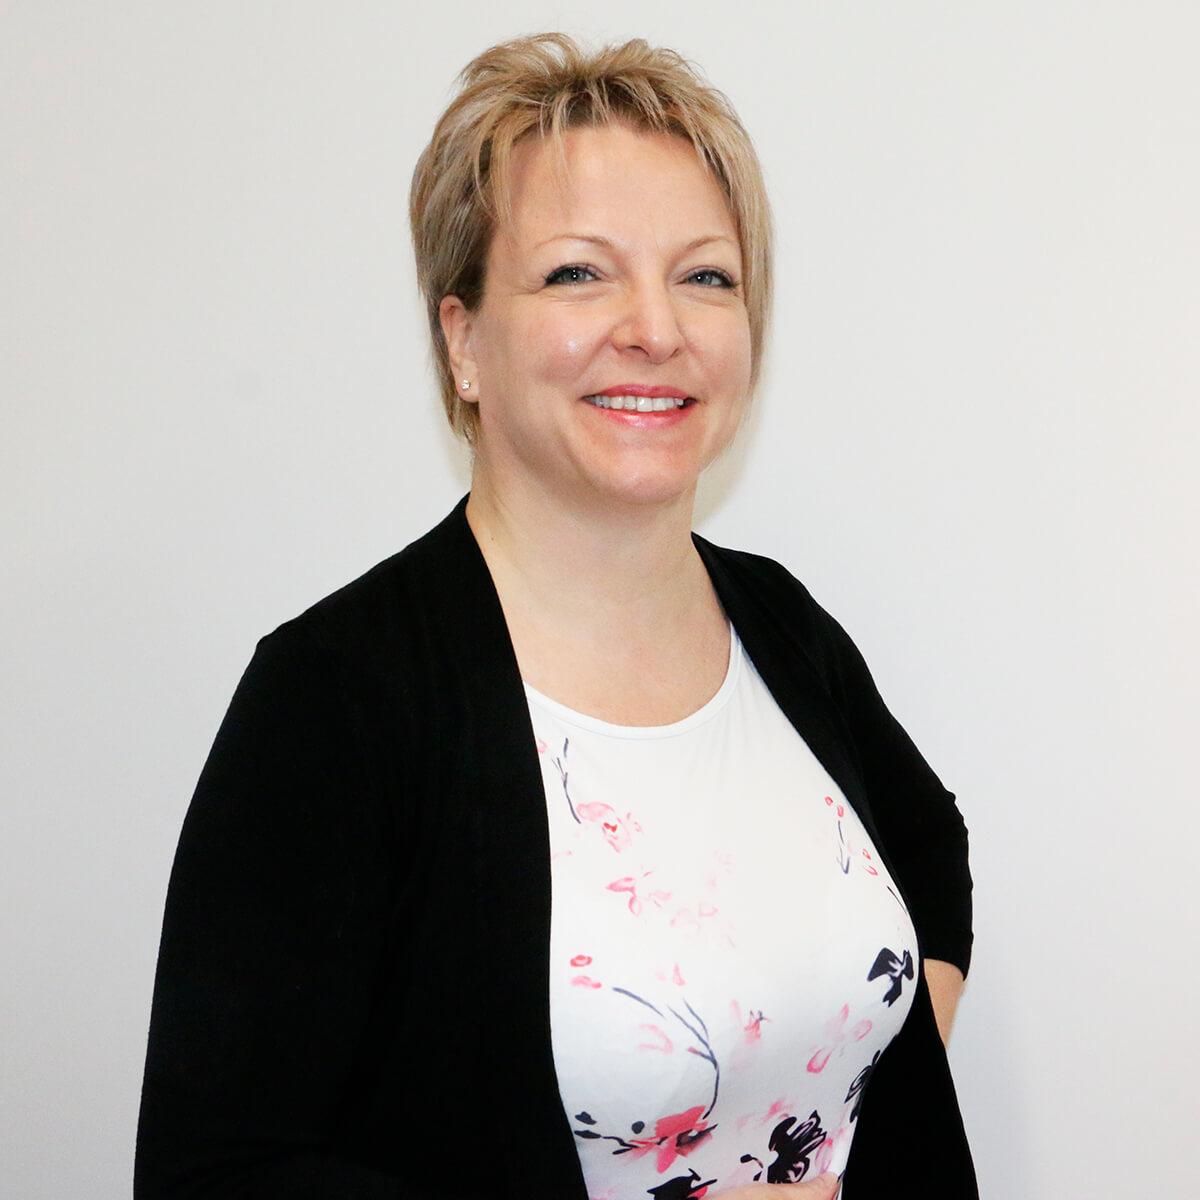 Nathalie-Diana Bélanger agente de développement conseillère RAC formation continue main-d'oeuvre Service aux entreprises SAE Centre de formation professionnelle Pavillon-de-l'Avenir Rivière-du-Loup Kamouraska